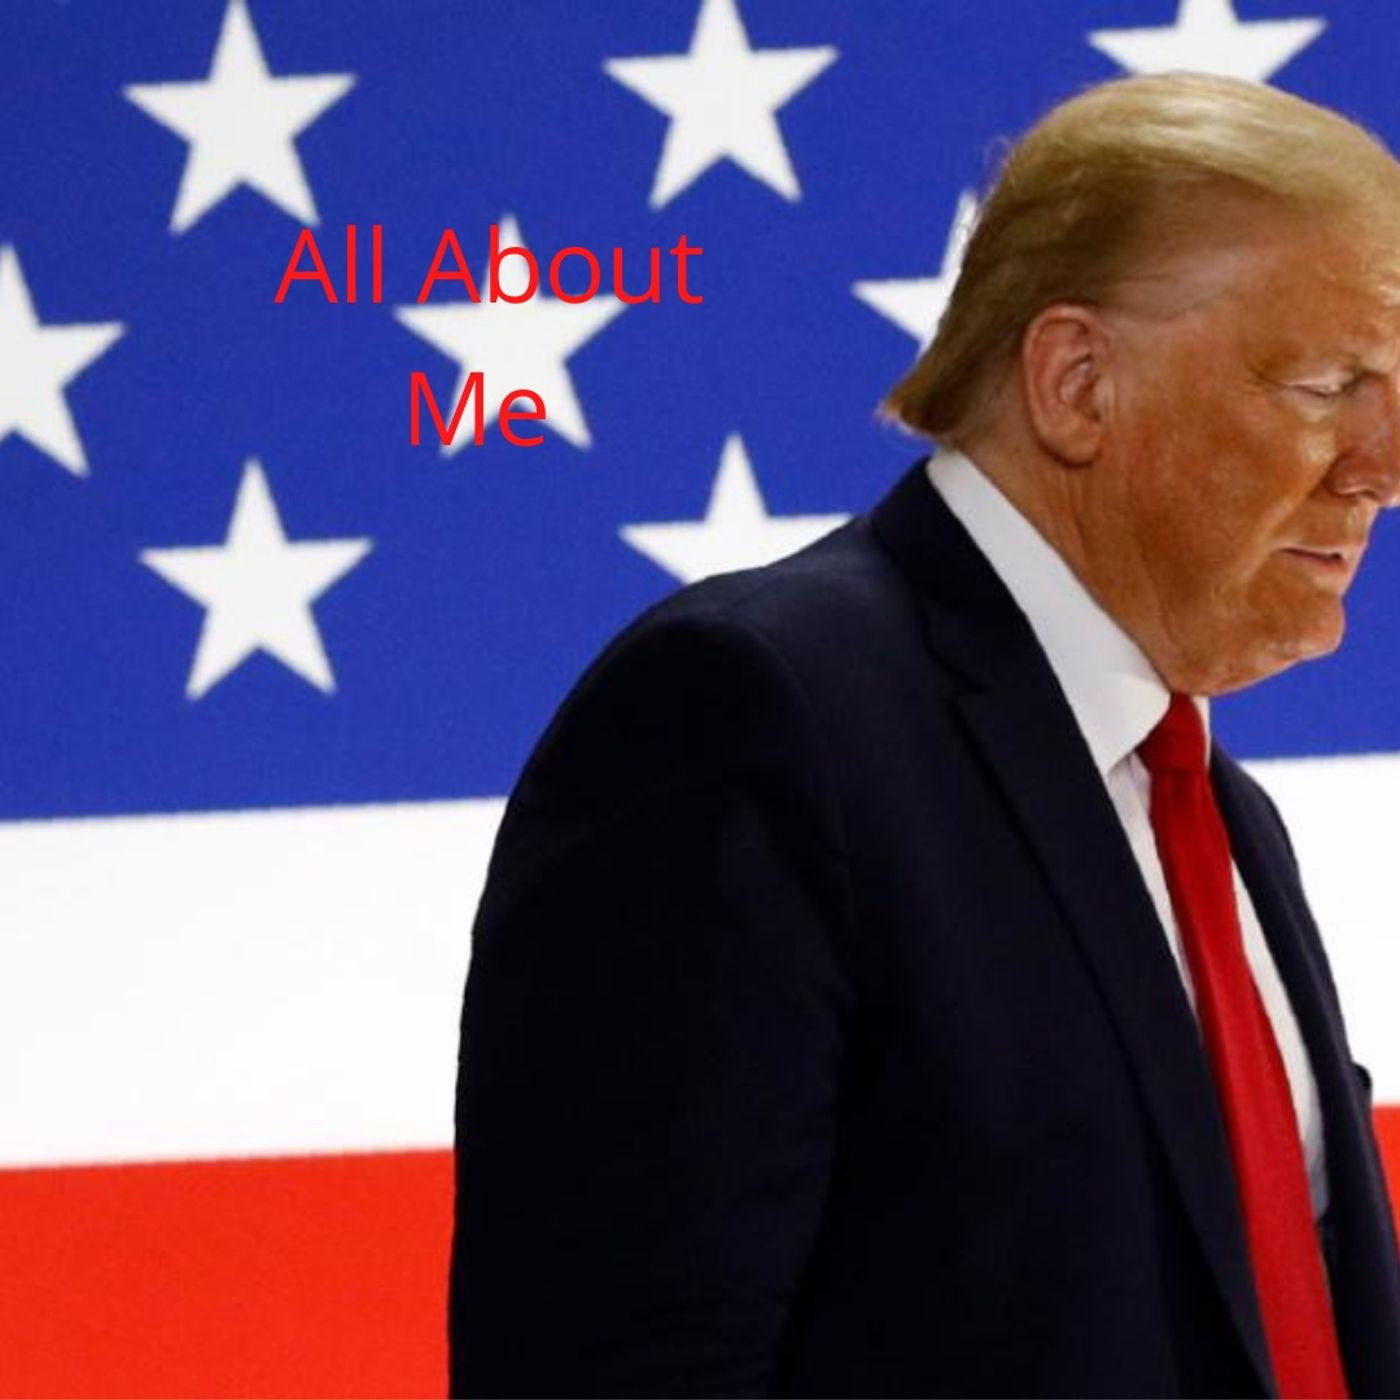 Impeachment of Donald Trump Again